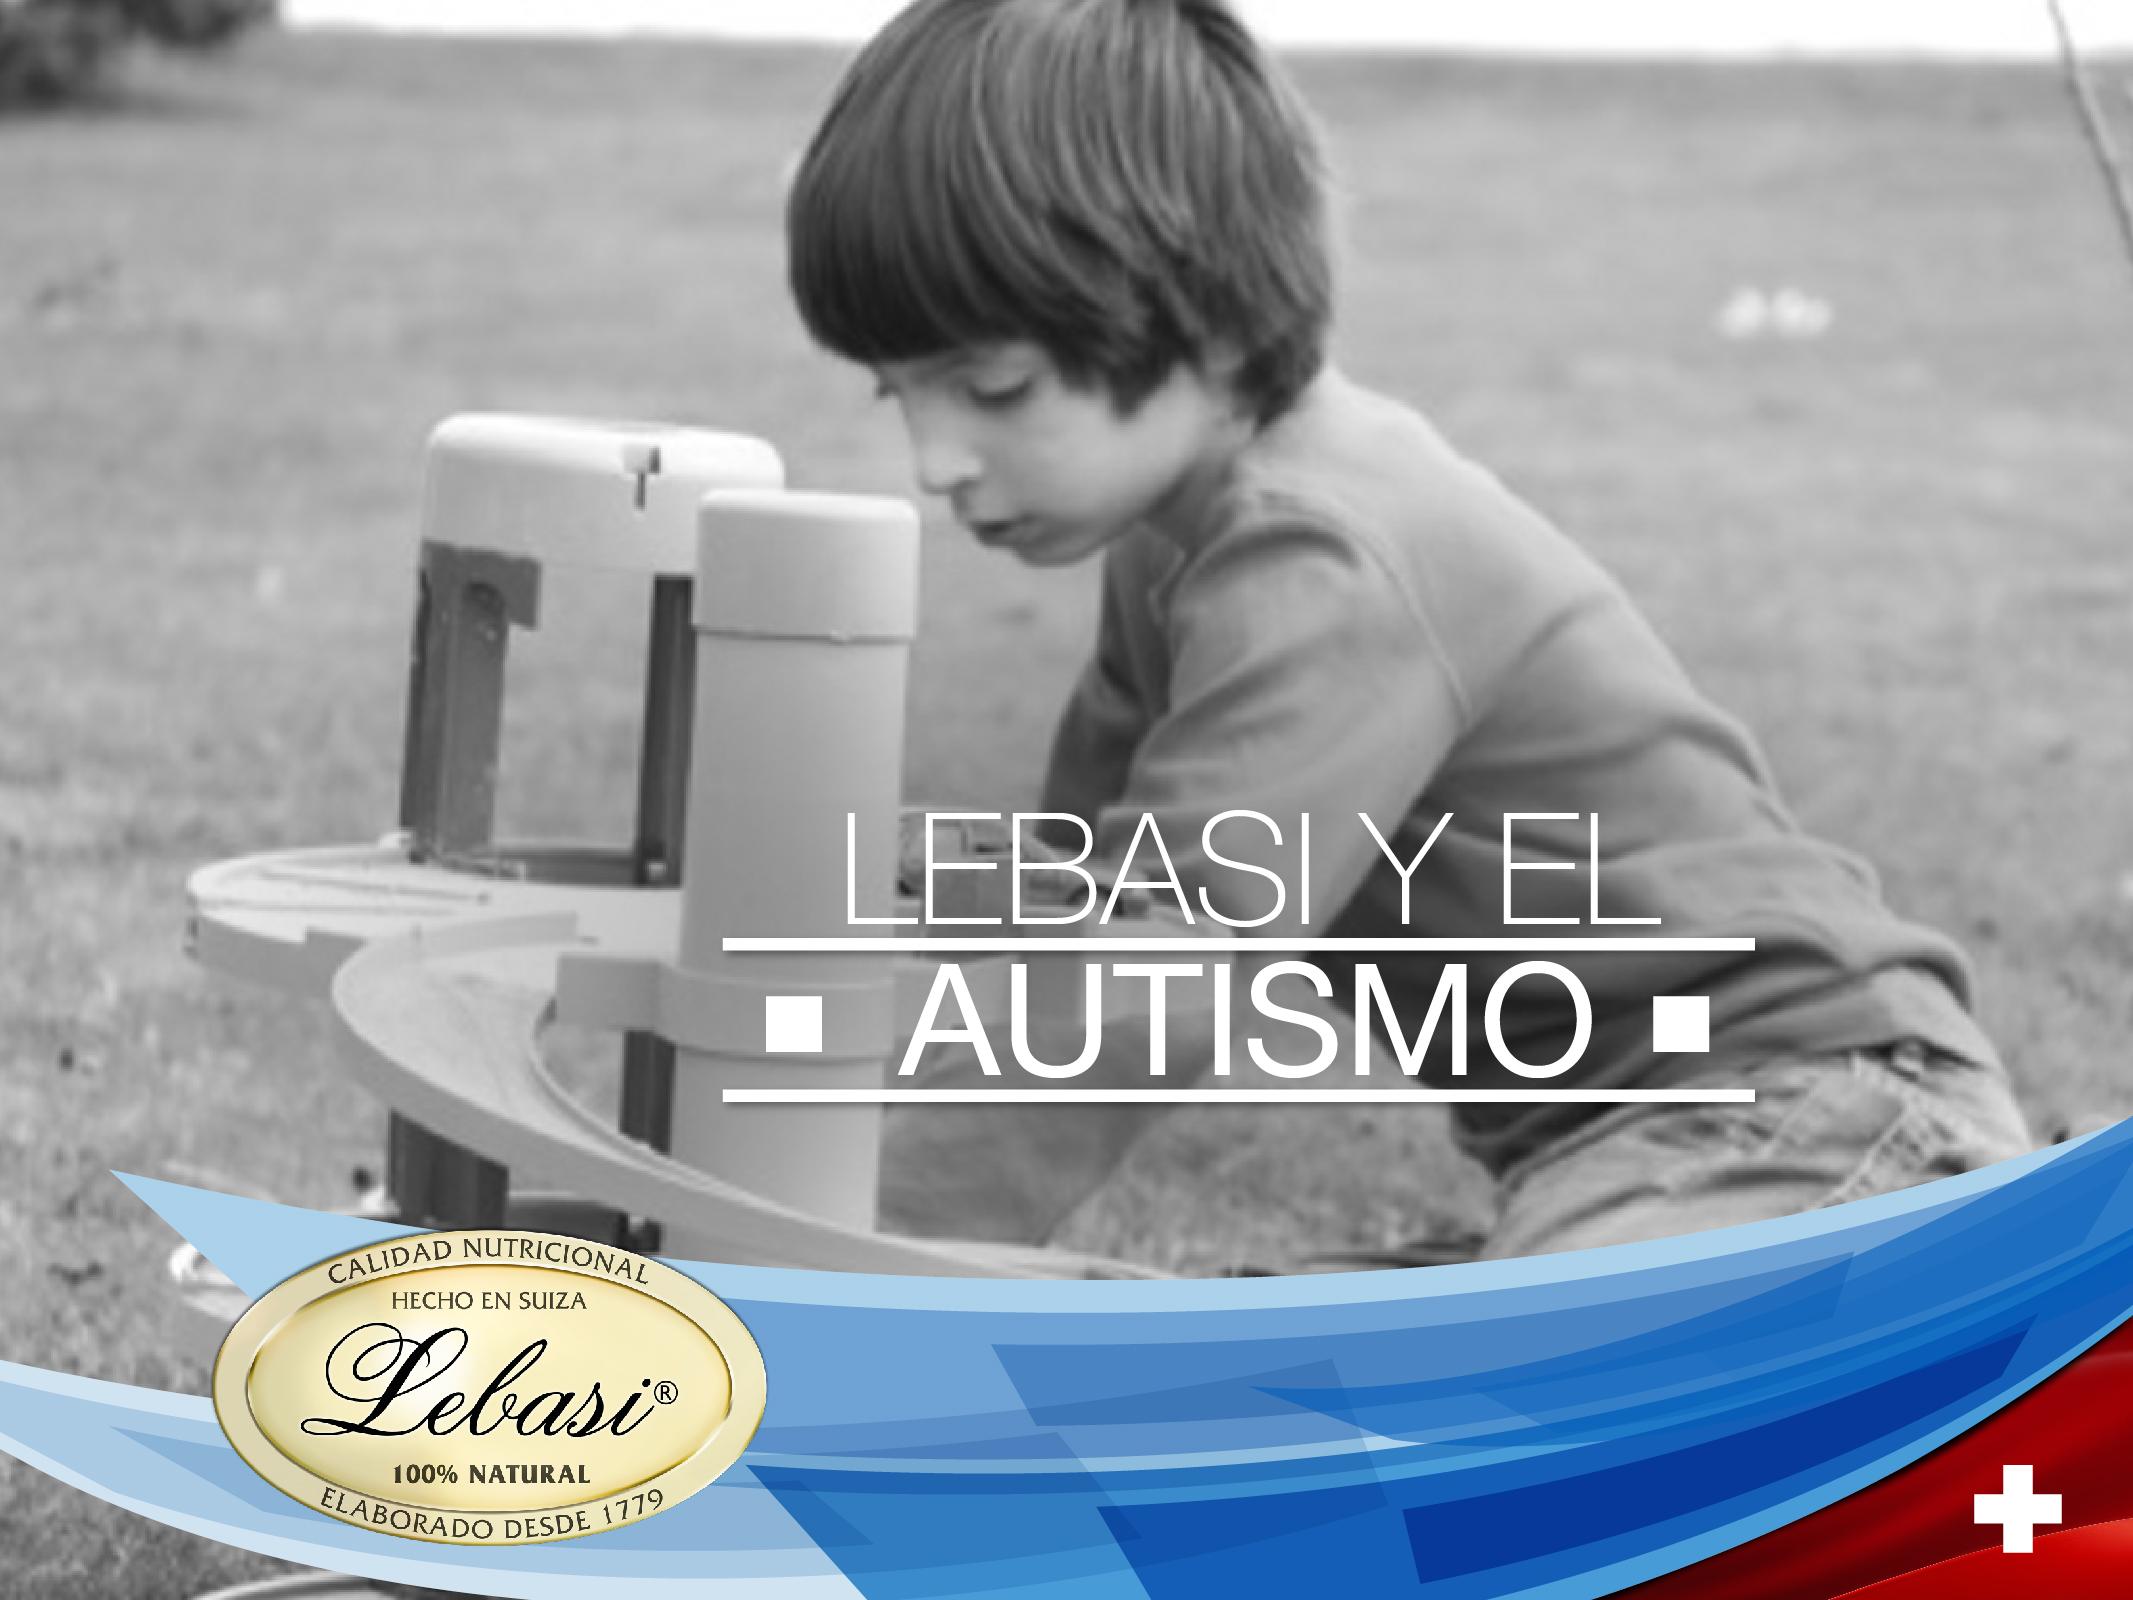 Lebasi y el Autismo